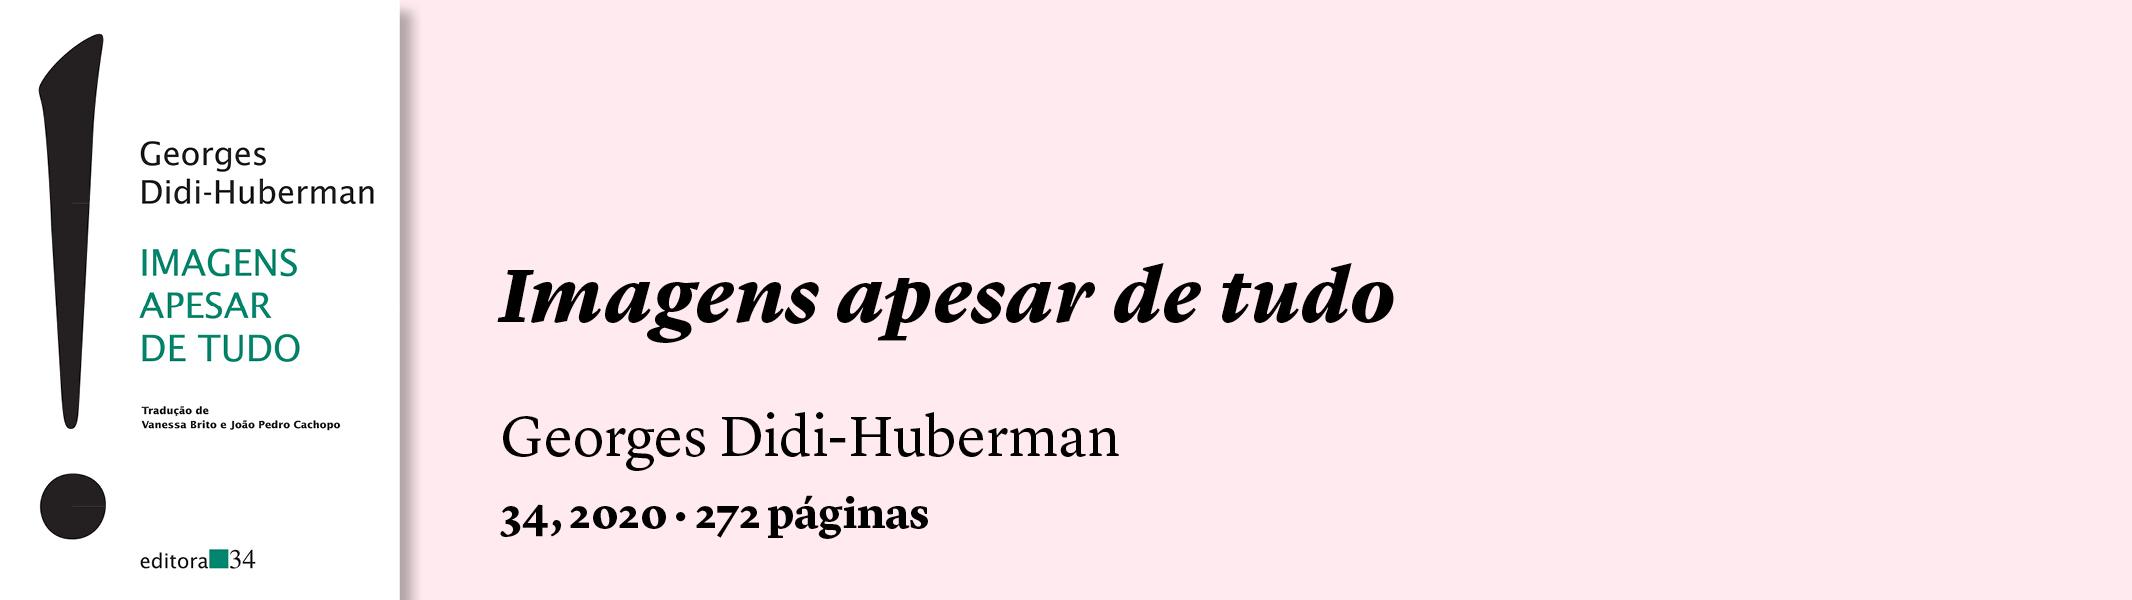 Imagens apesar de tudo, Didi-Huberman